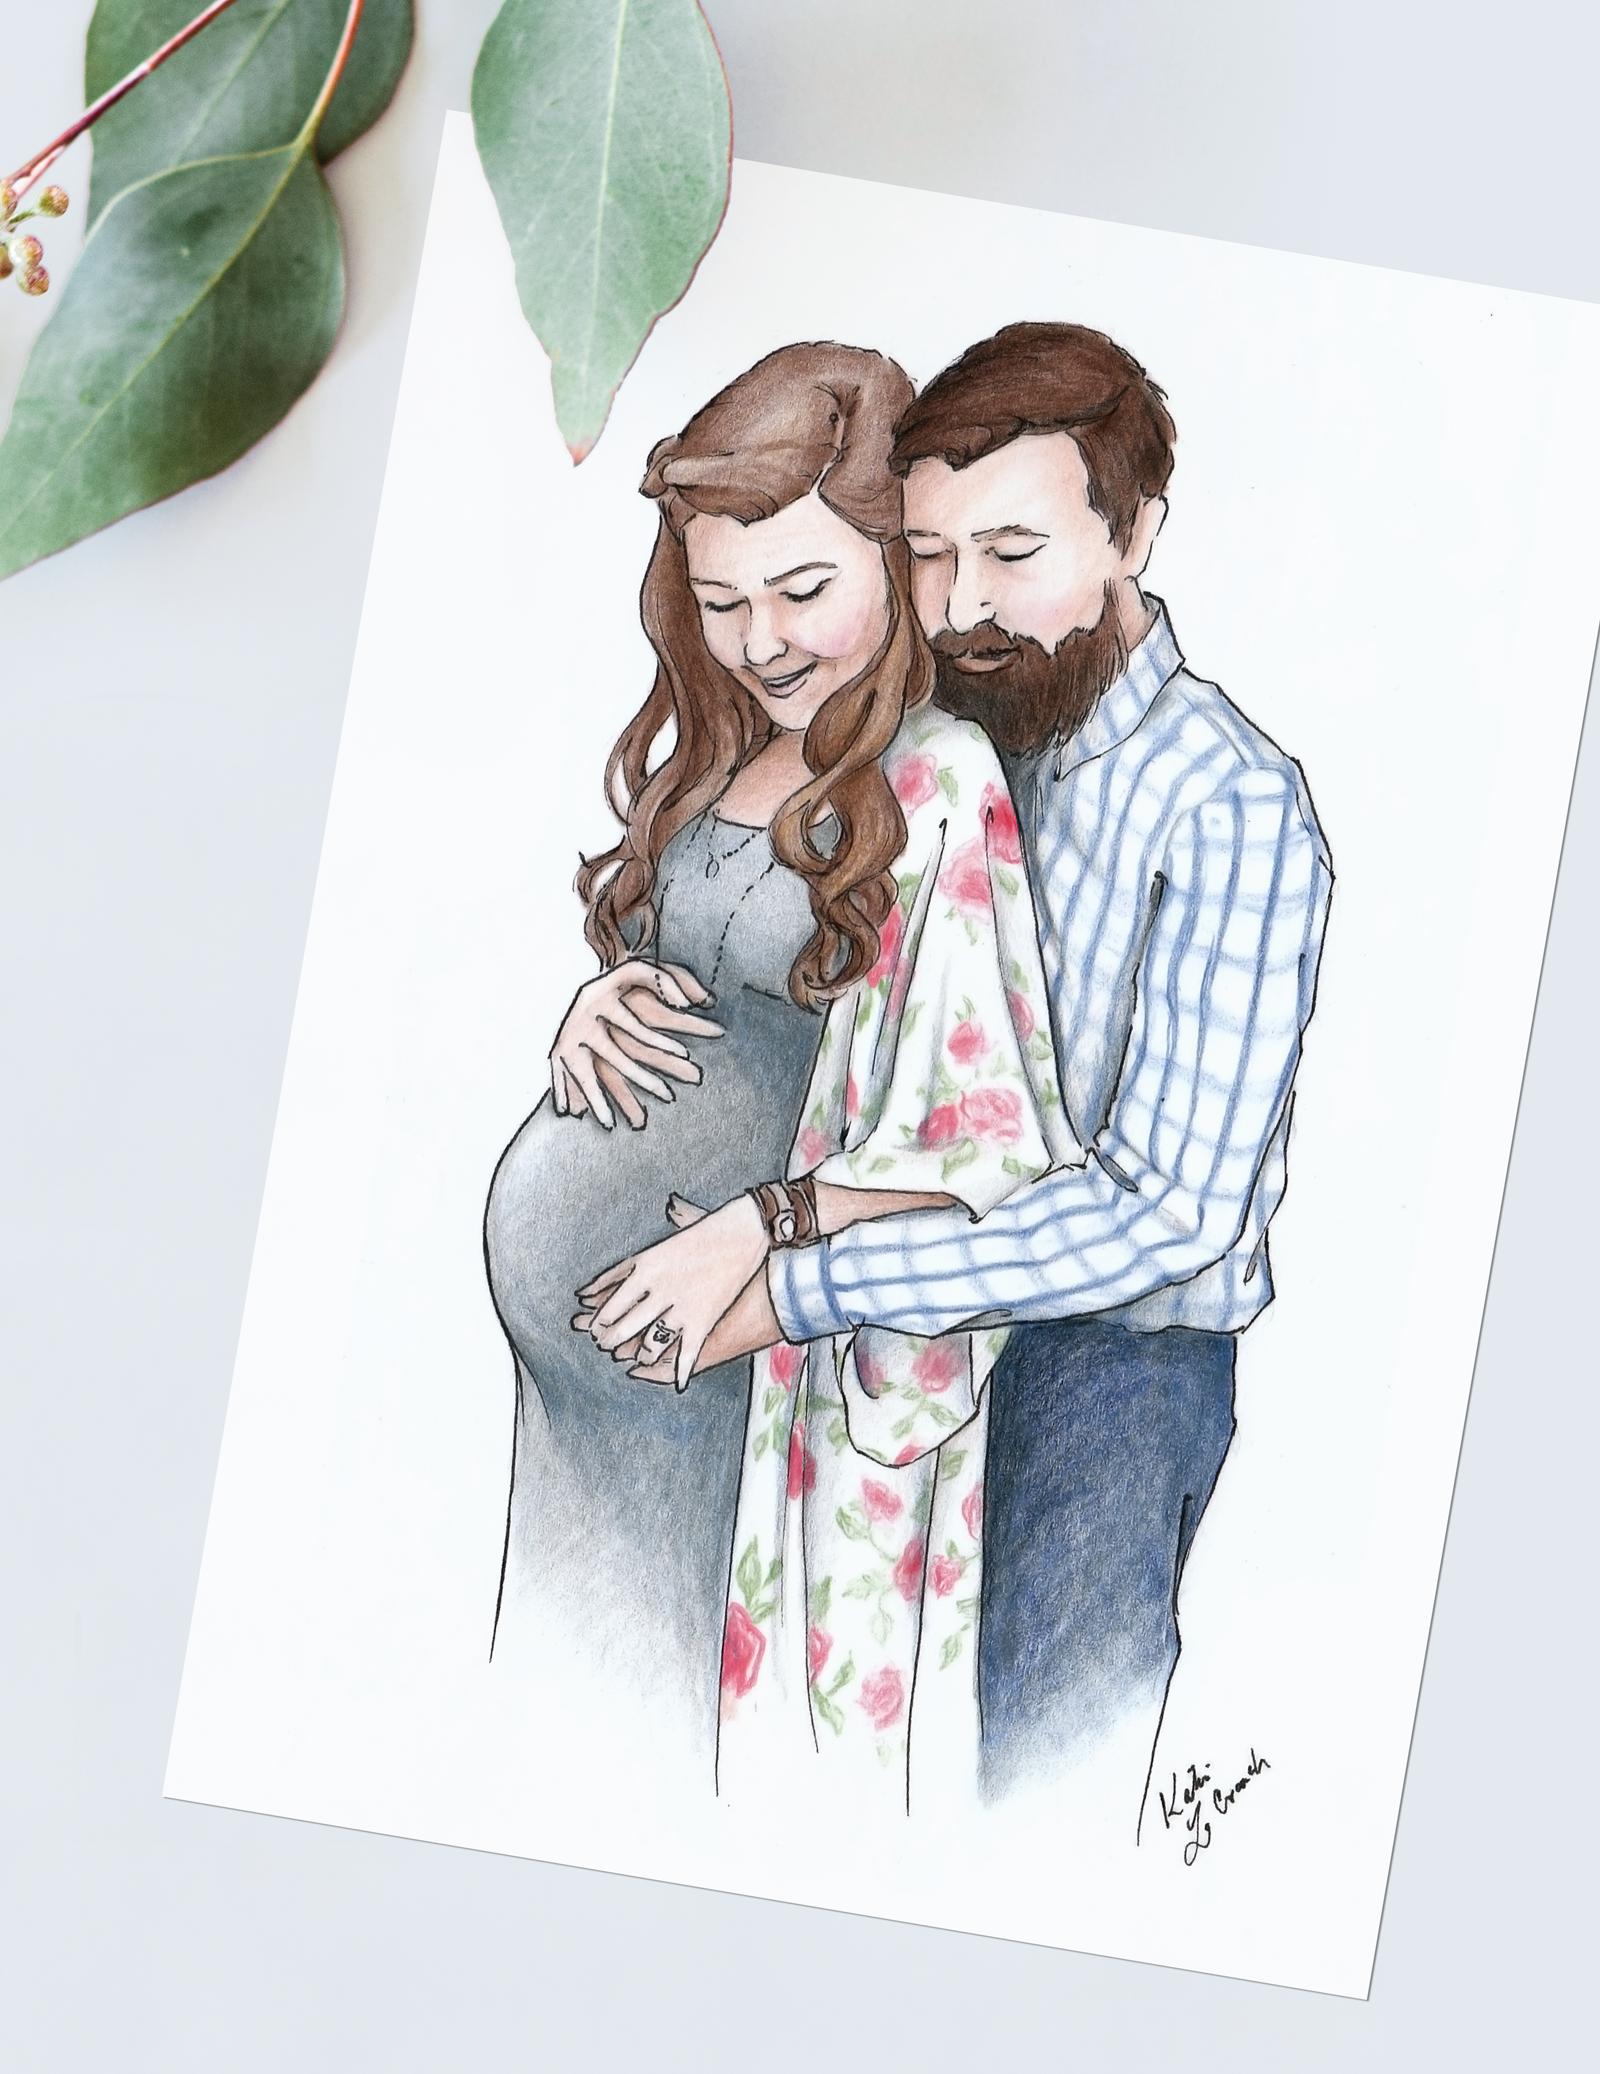 Custom watercolor family portrait. Unique maternity portrait in watercolor. #customportrait #portraitillustration #blusheddesign #watercolorportrait